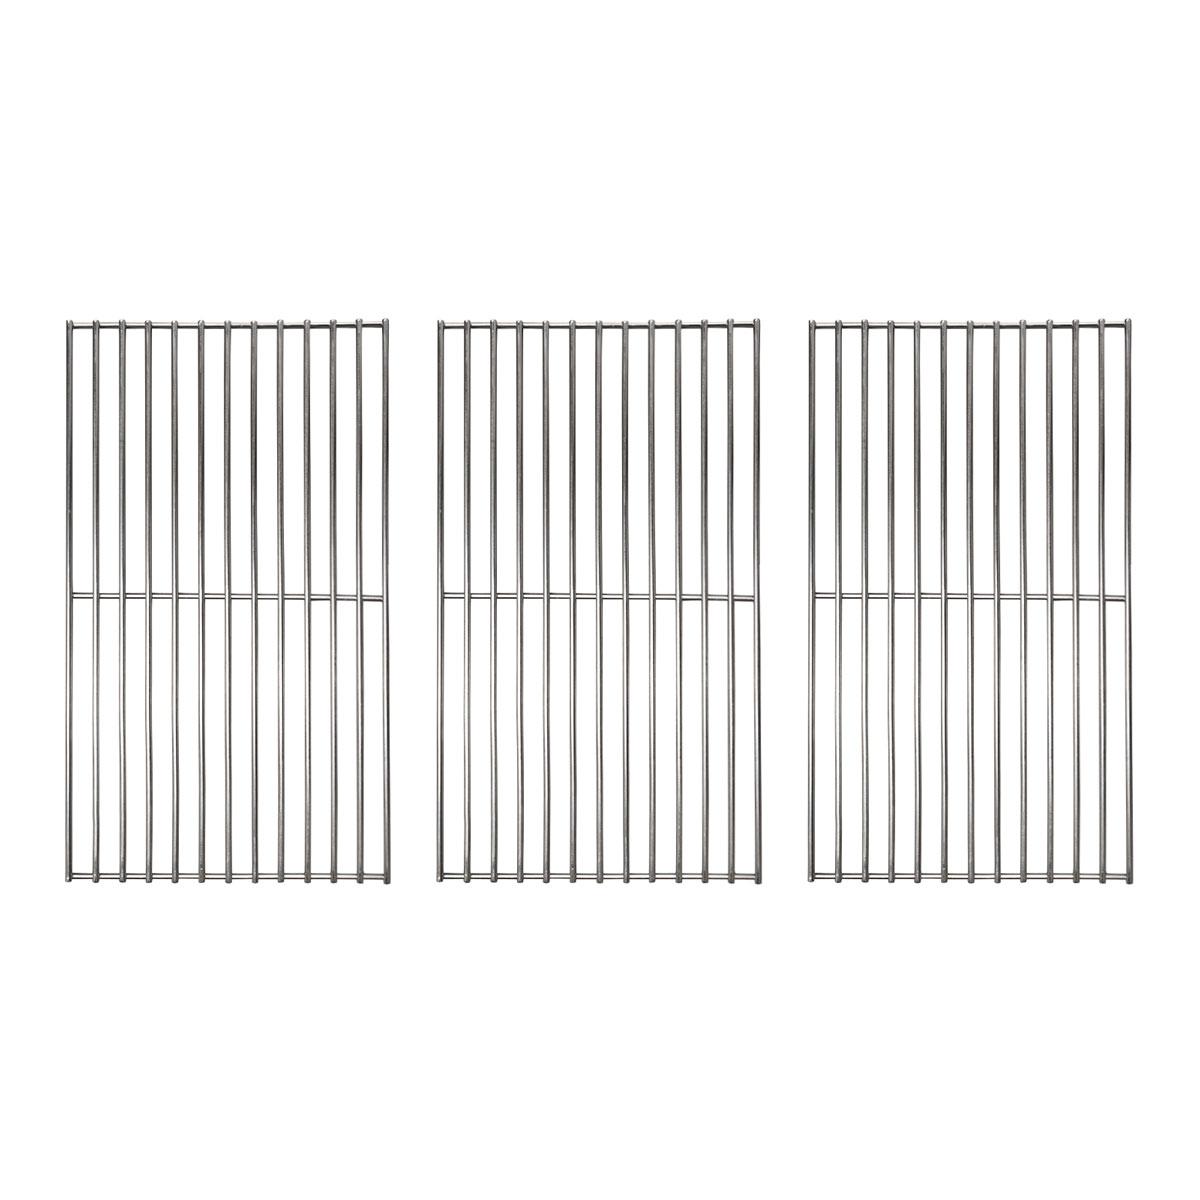 90150 TAINO Edelstahlrost Set PLATINUM BLACK 4 Brenner